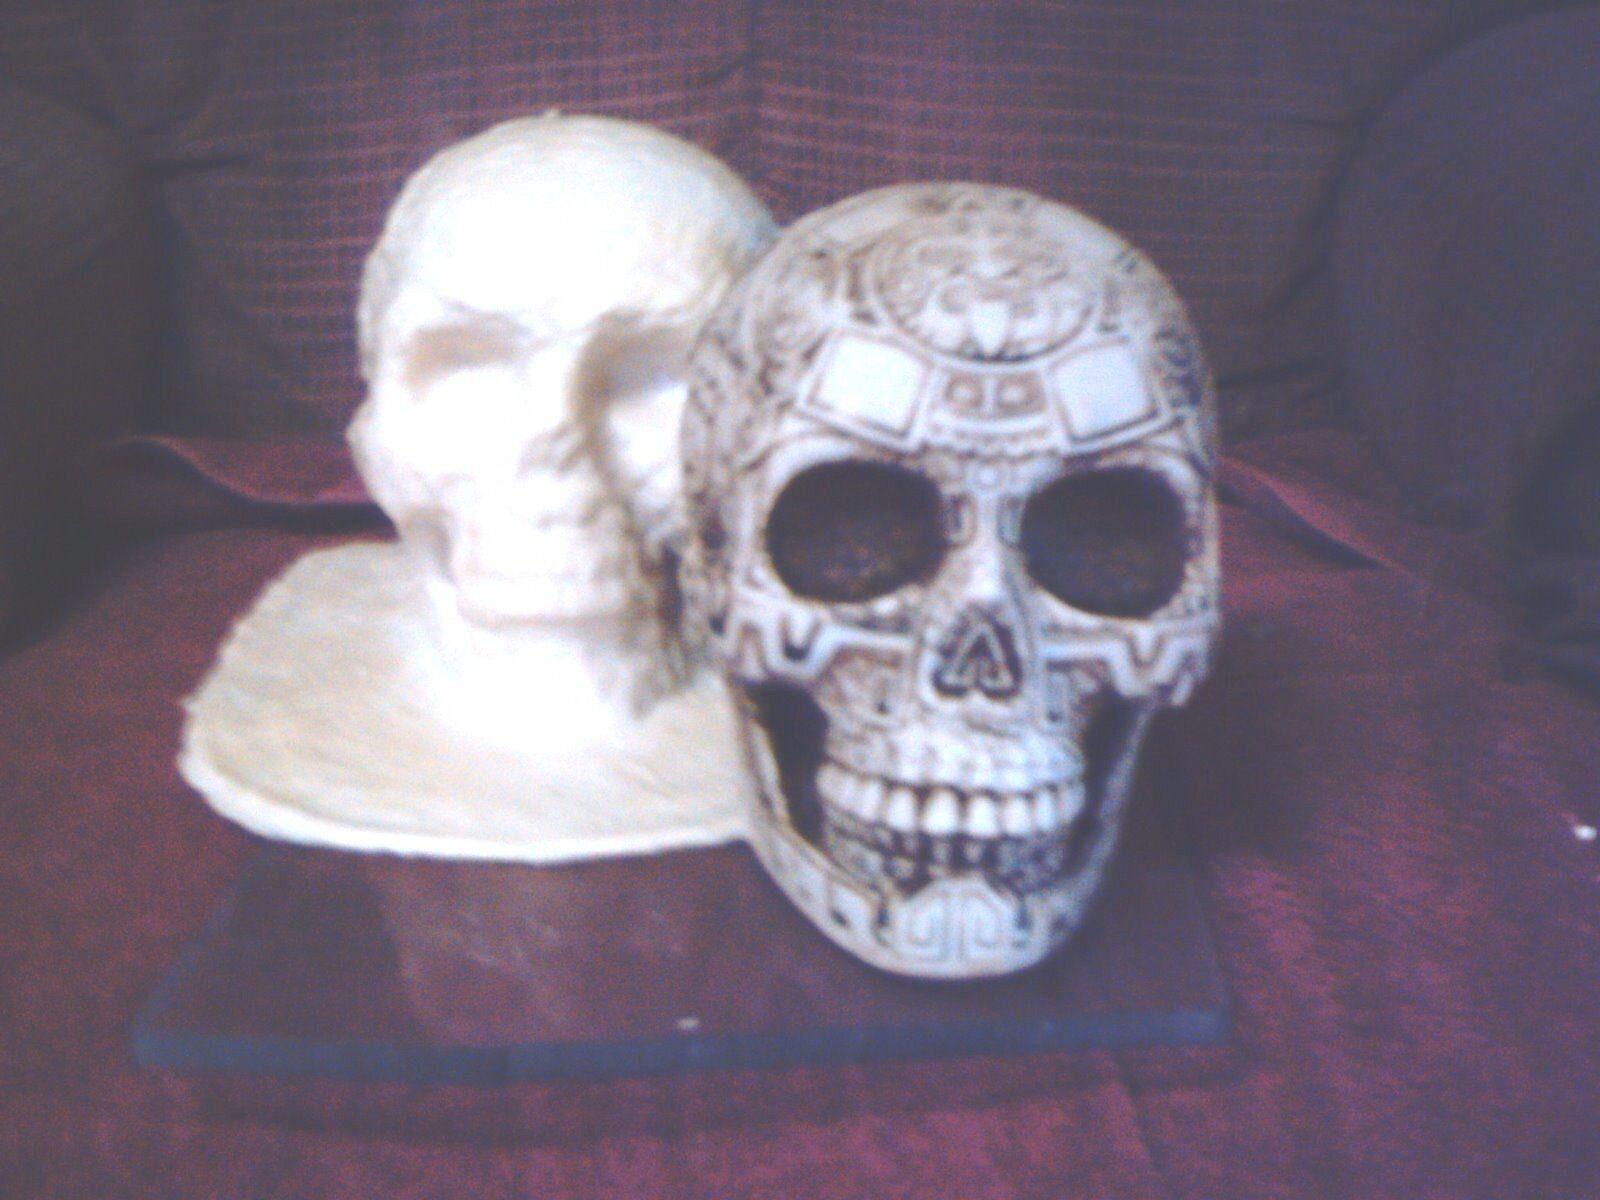 Aztec Skull Mold Latex/Rubber For Plaster/Concrete - $54.99